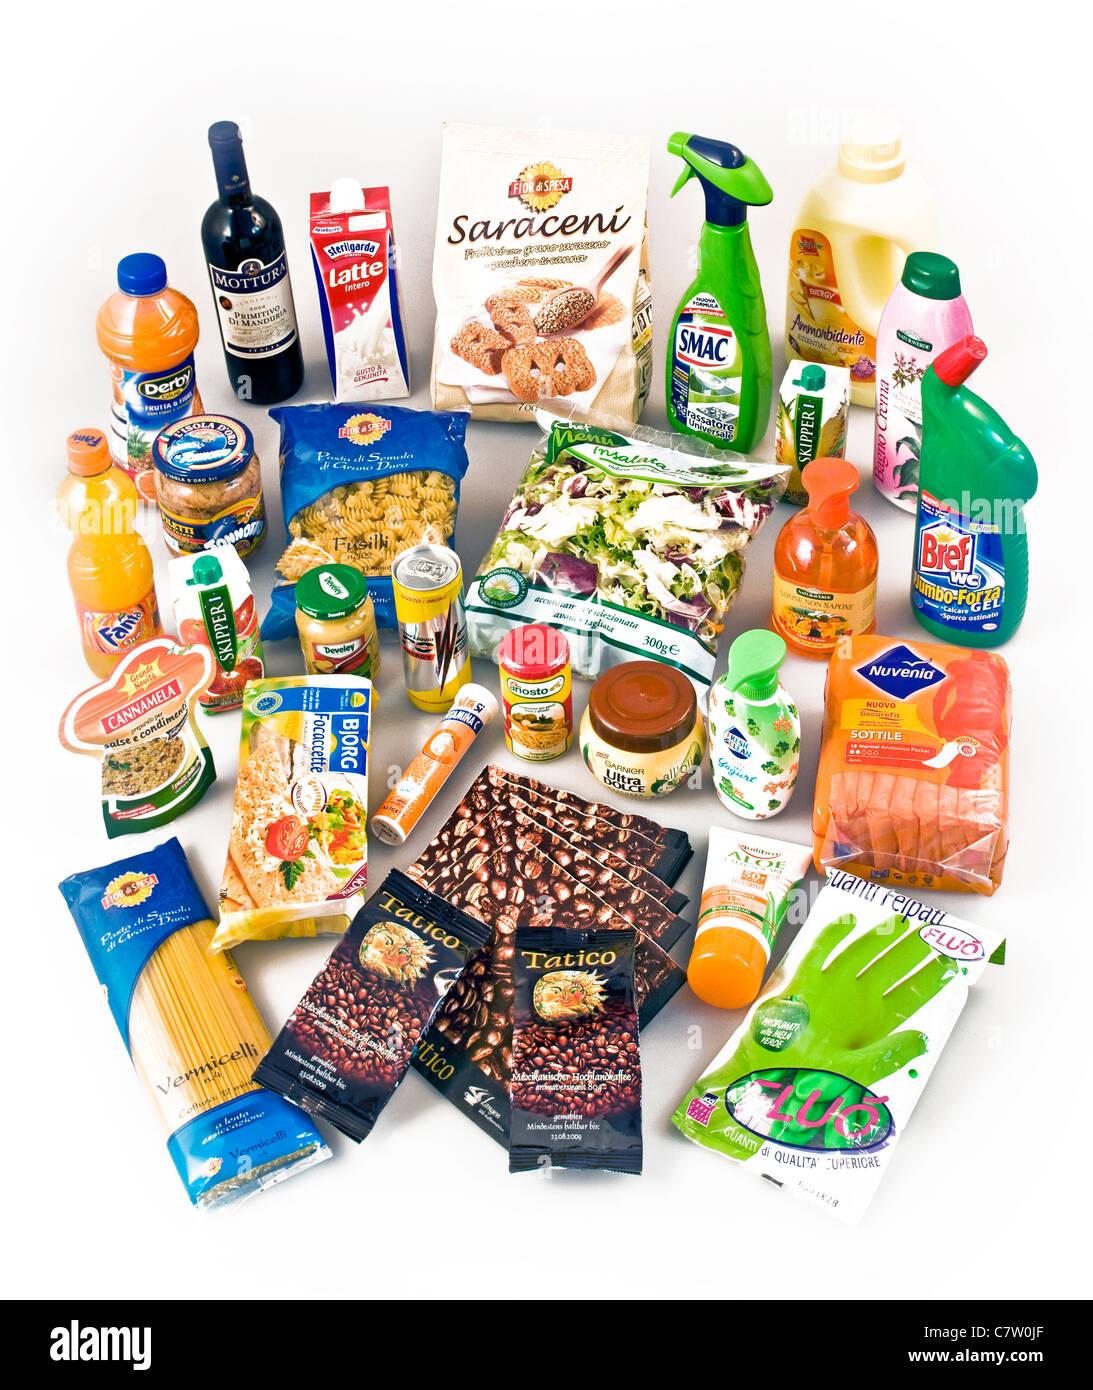 Un assortimento di cibo, per la pulizia e prodotti di bellezza Immagini Stock